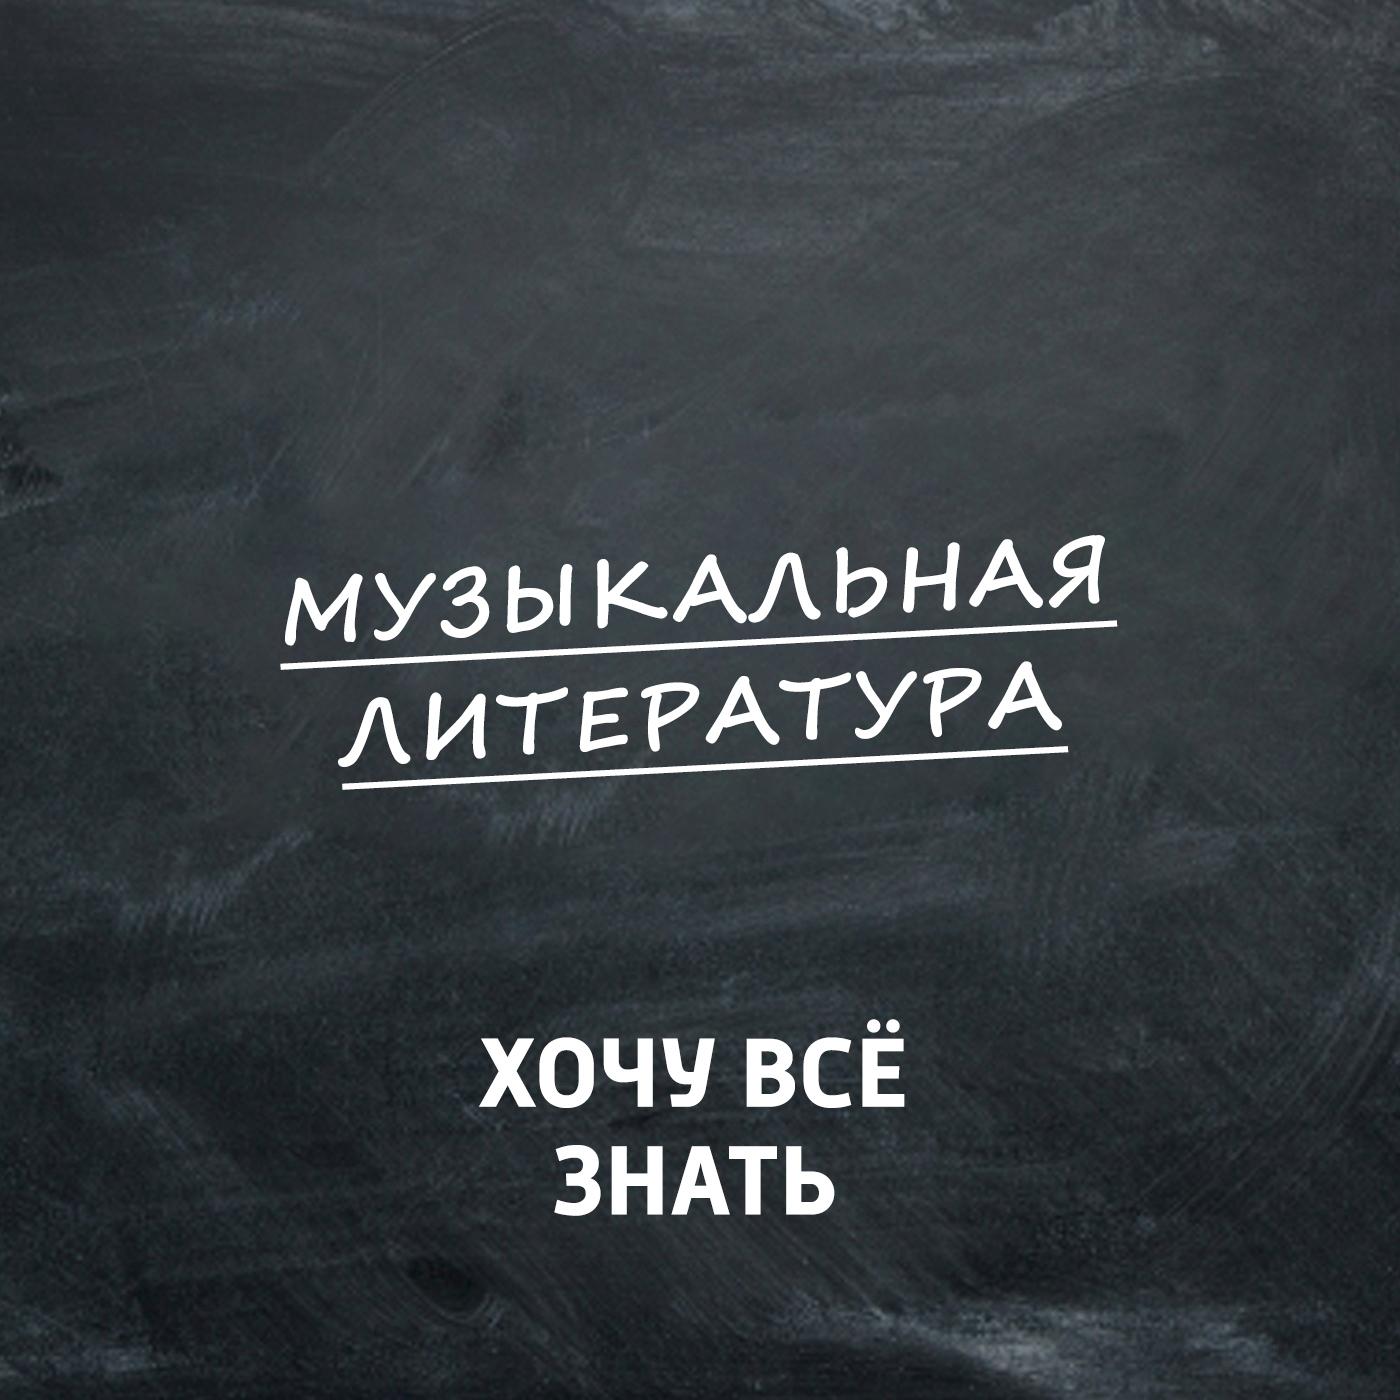 Купить книгу Георгий Свиридов. Патетическая оратория на стихи Маяковского, автора